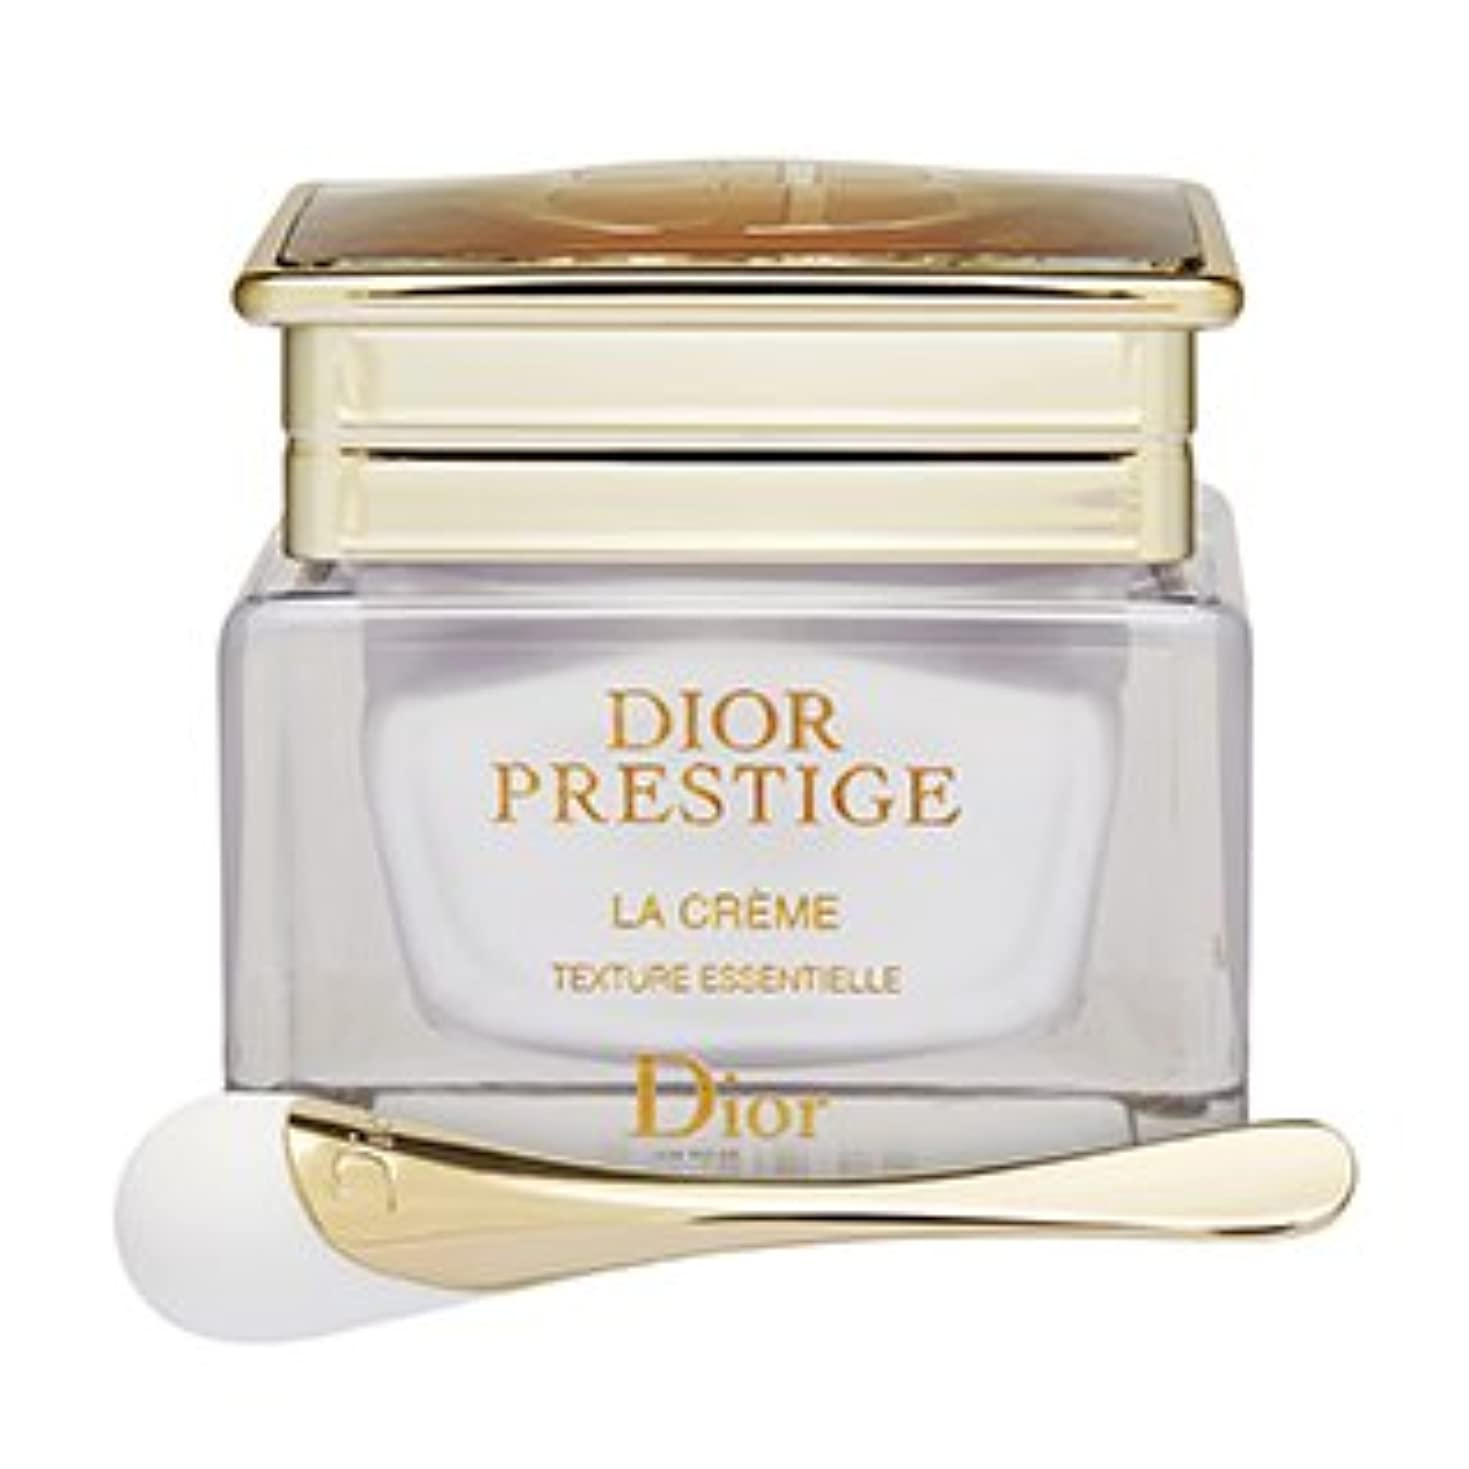 工場マイルストーン悪行ディオール(Dior) プレステージ ラ クレーム - 極上のテクスチャー [並行輸入品]